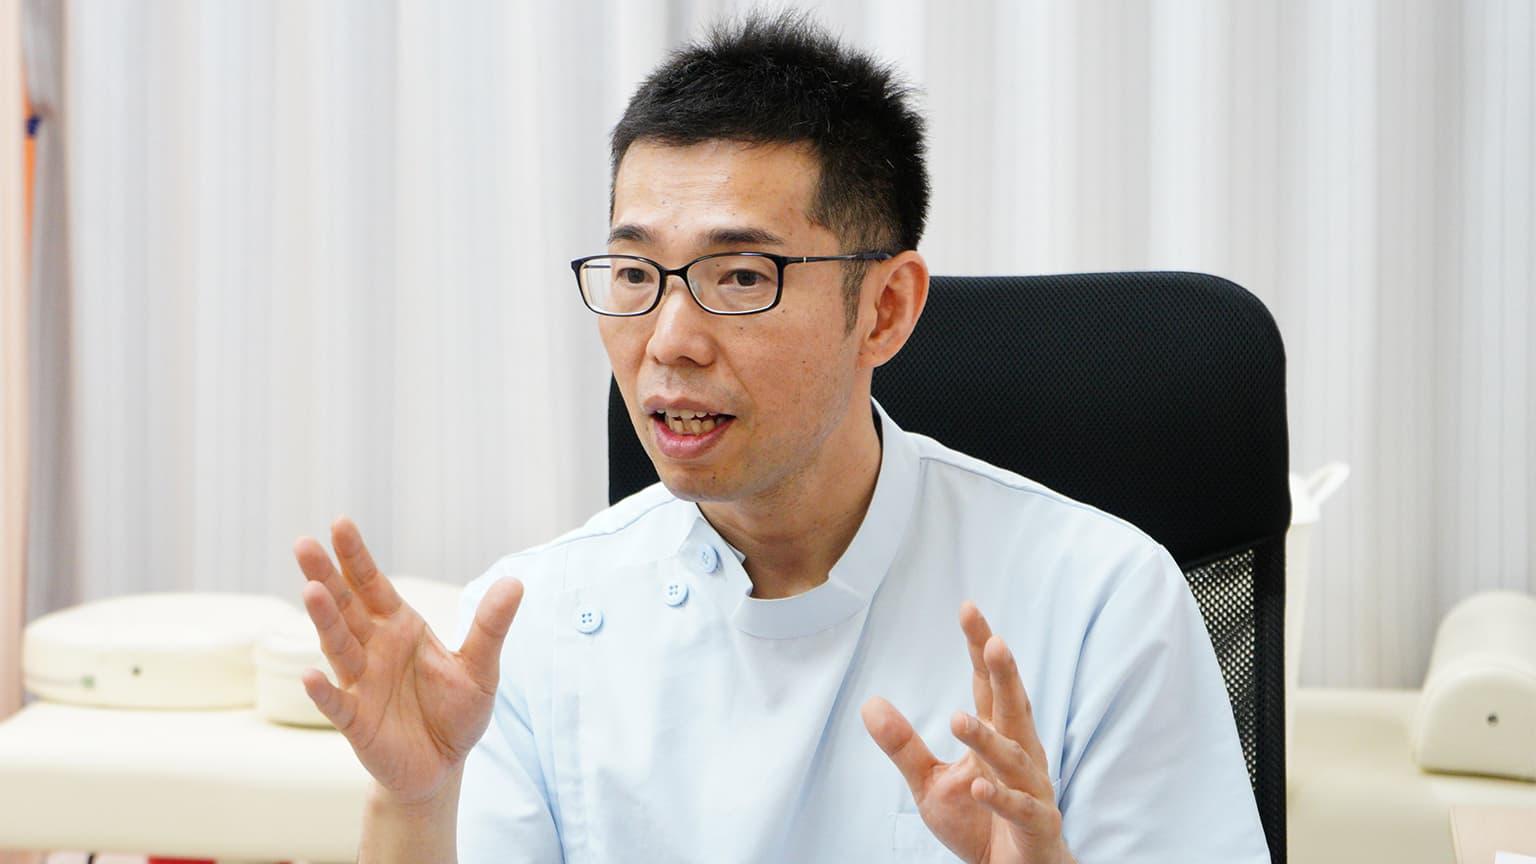 戸畑 智秋 院長のインタビュー画像3